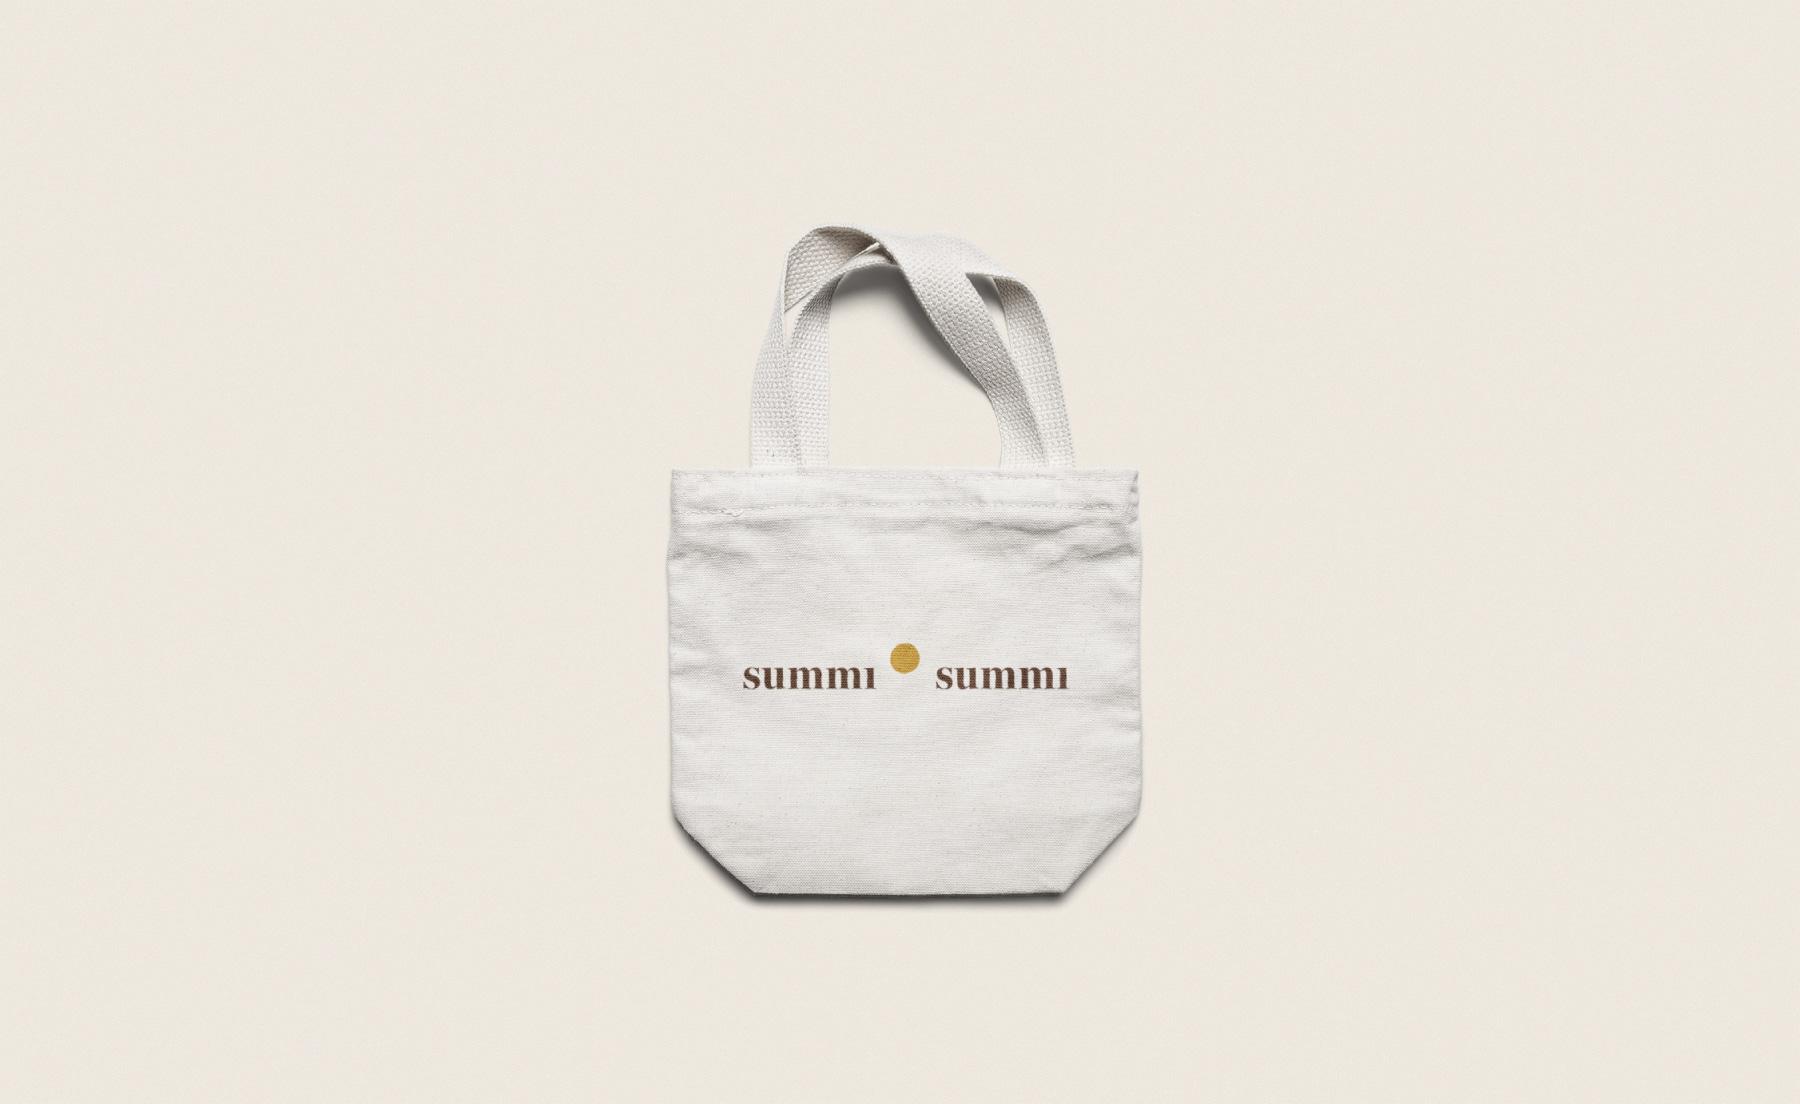 Summi Summi Tote Bag